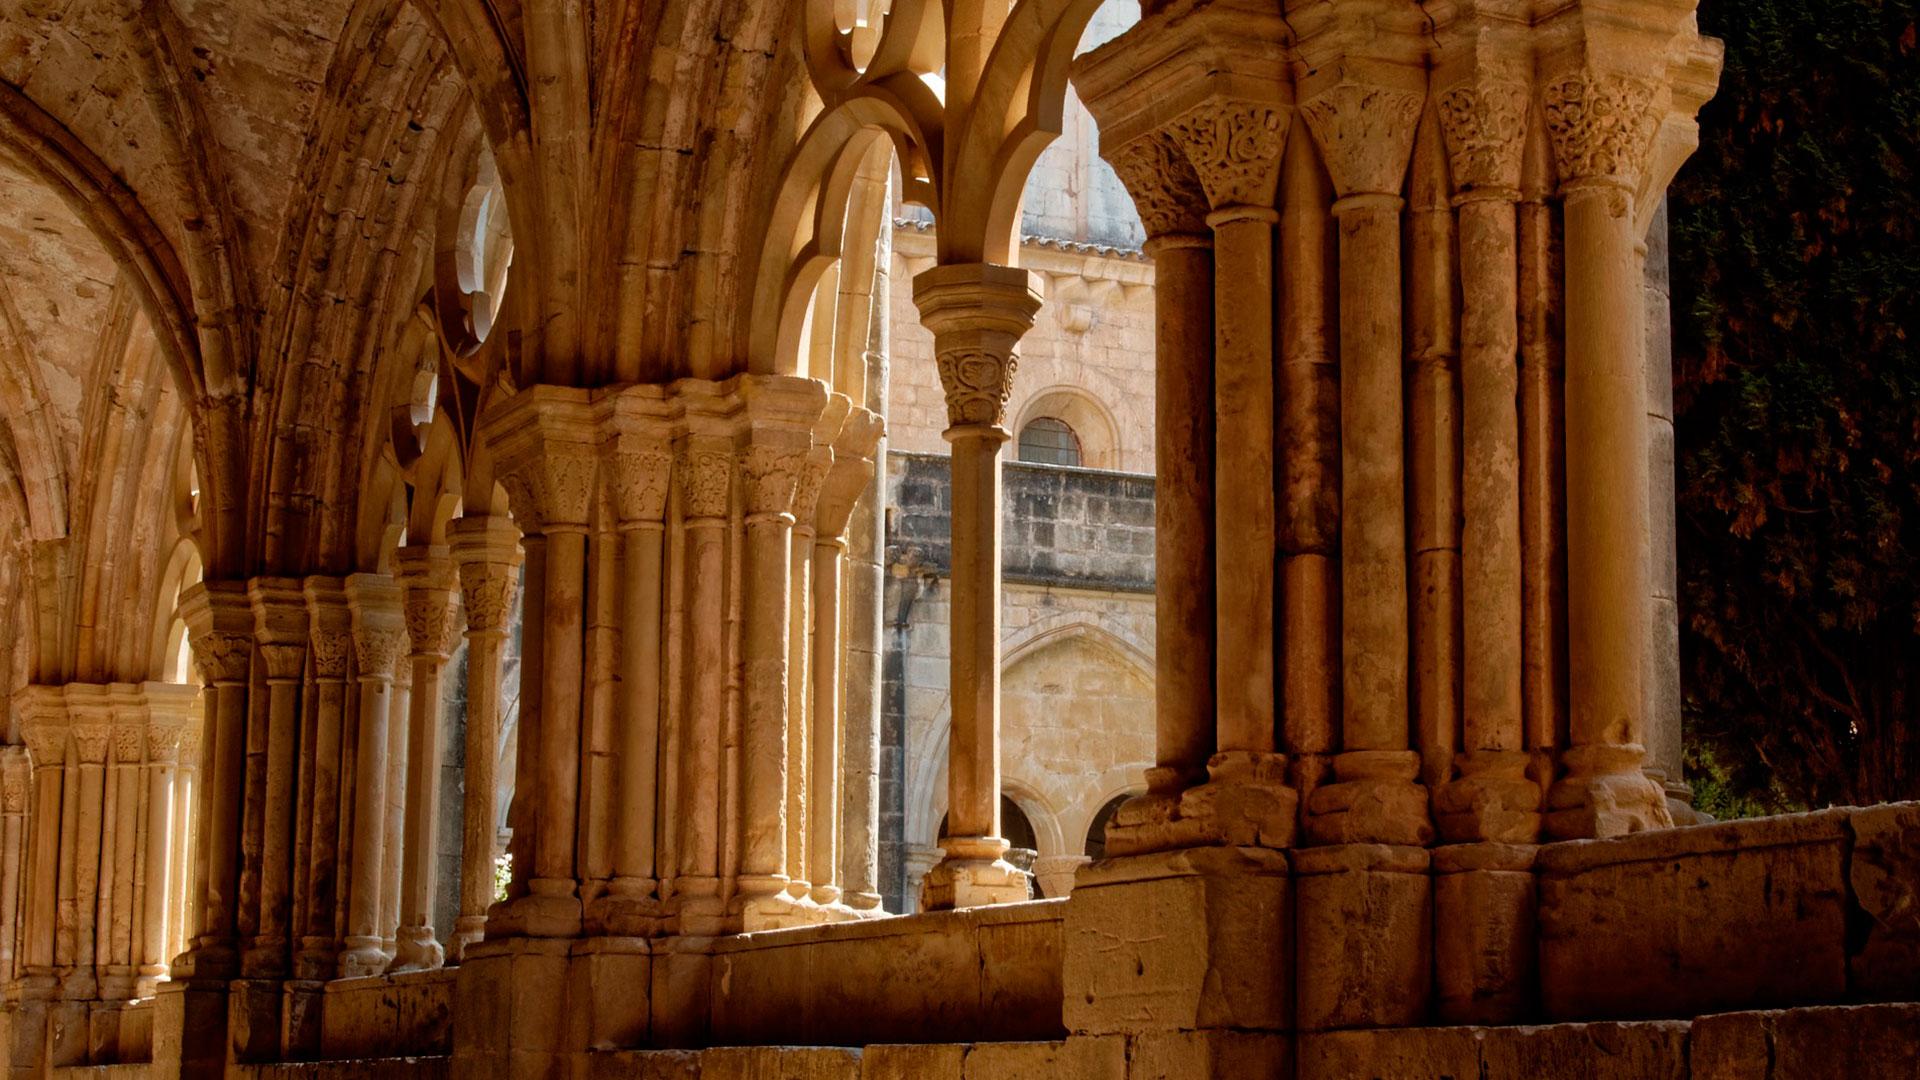 visitas-guiadas-ruta-del-cister